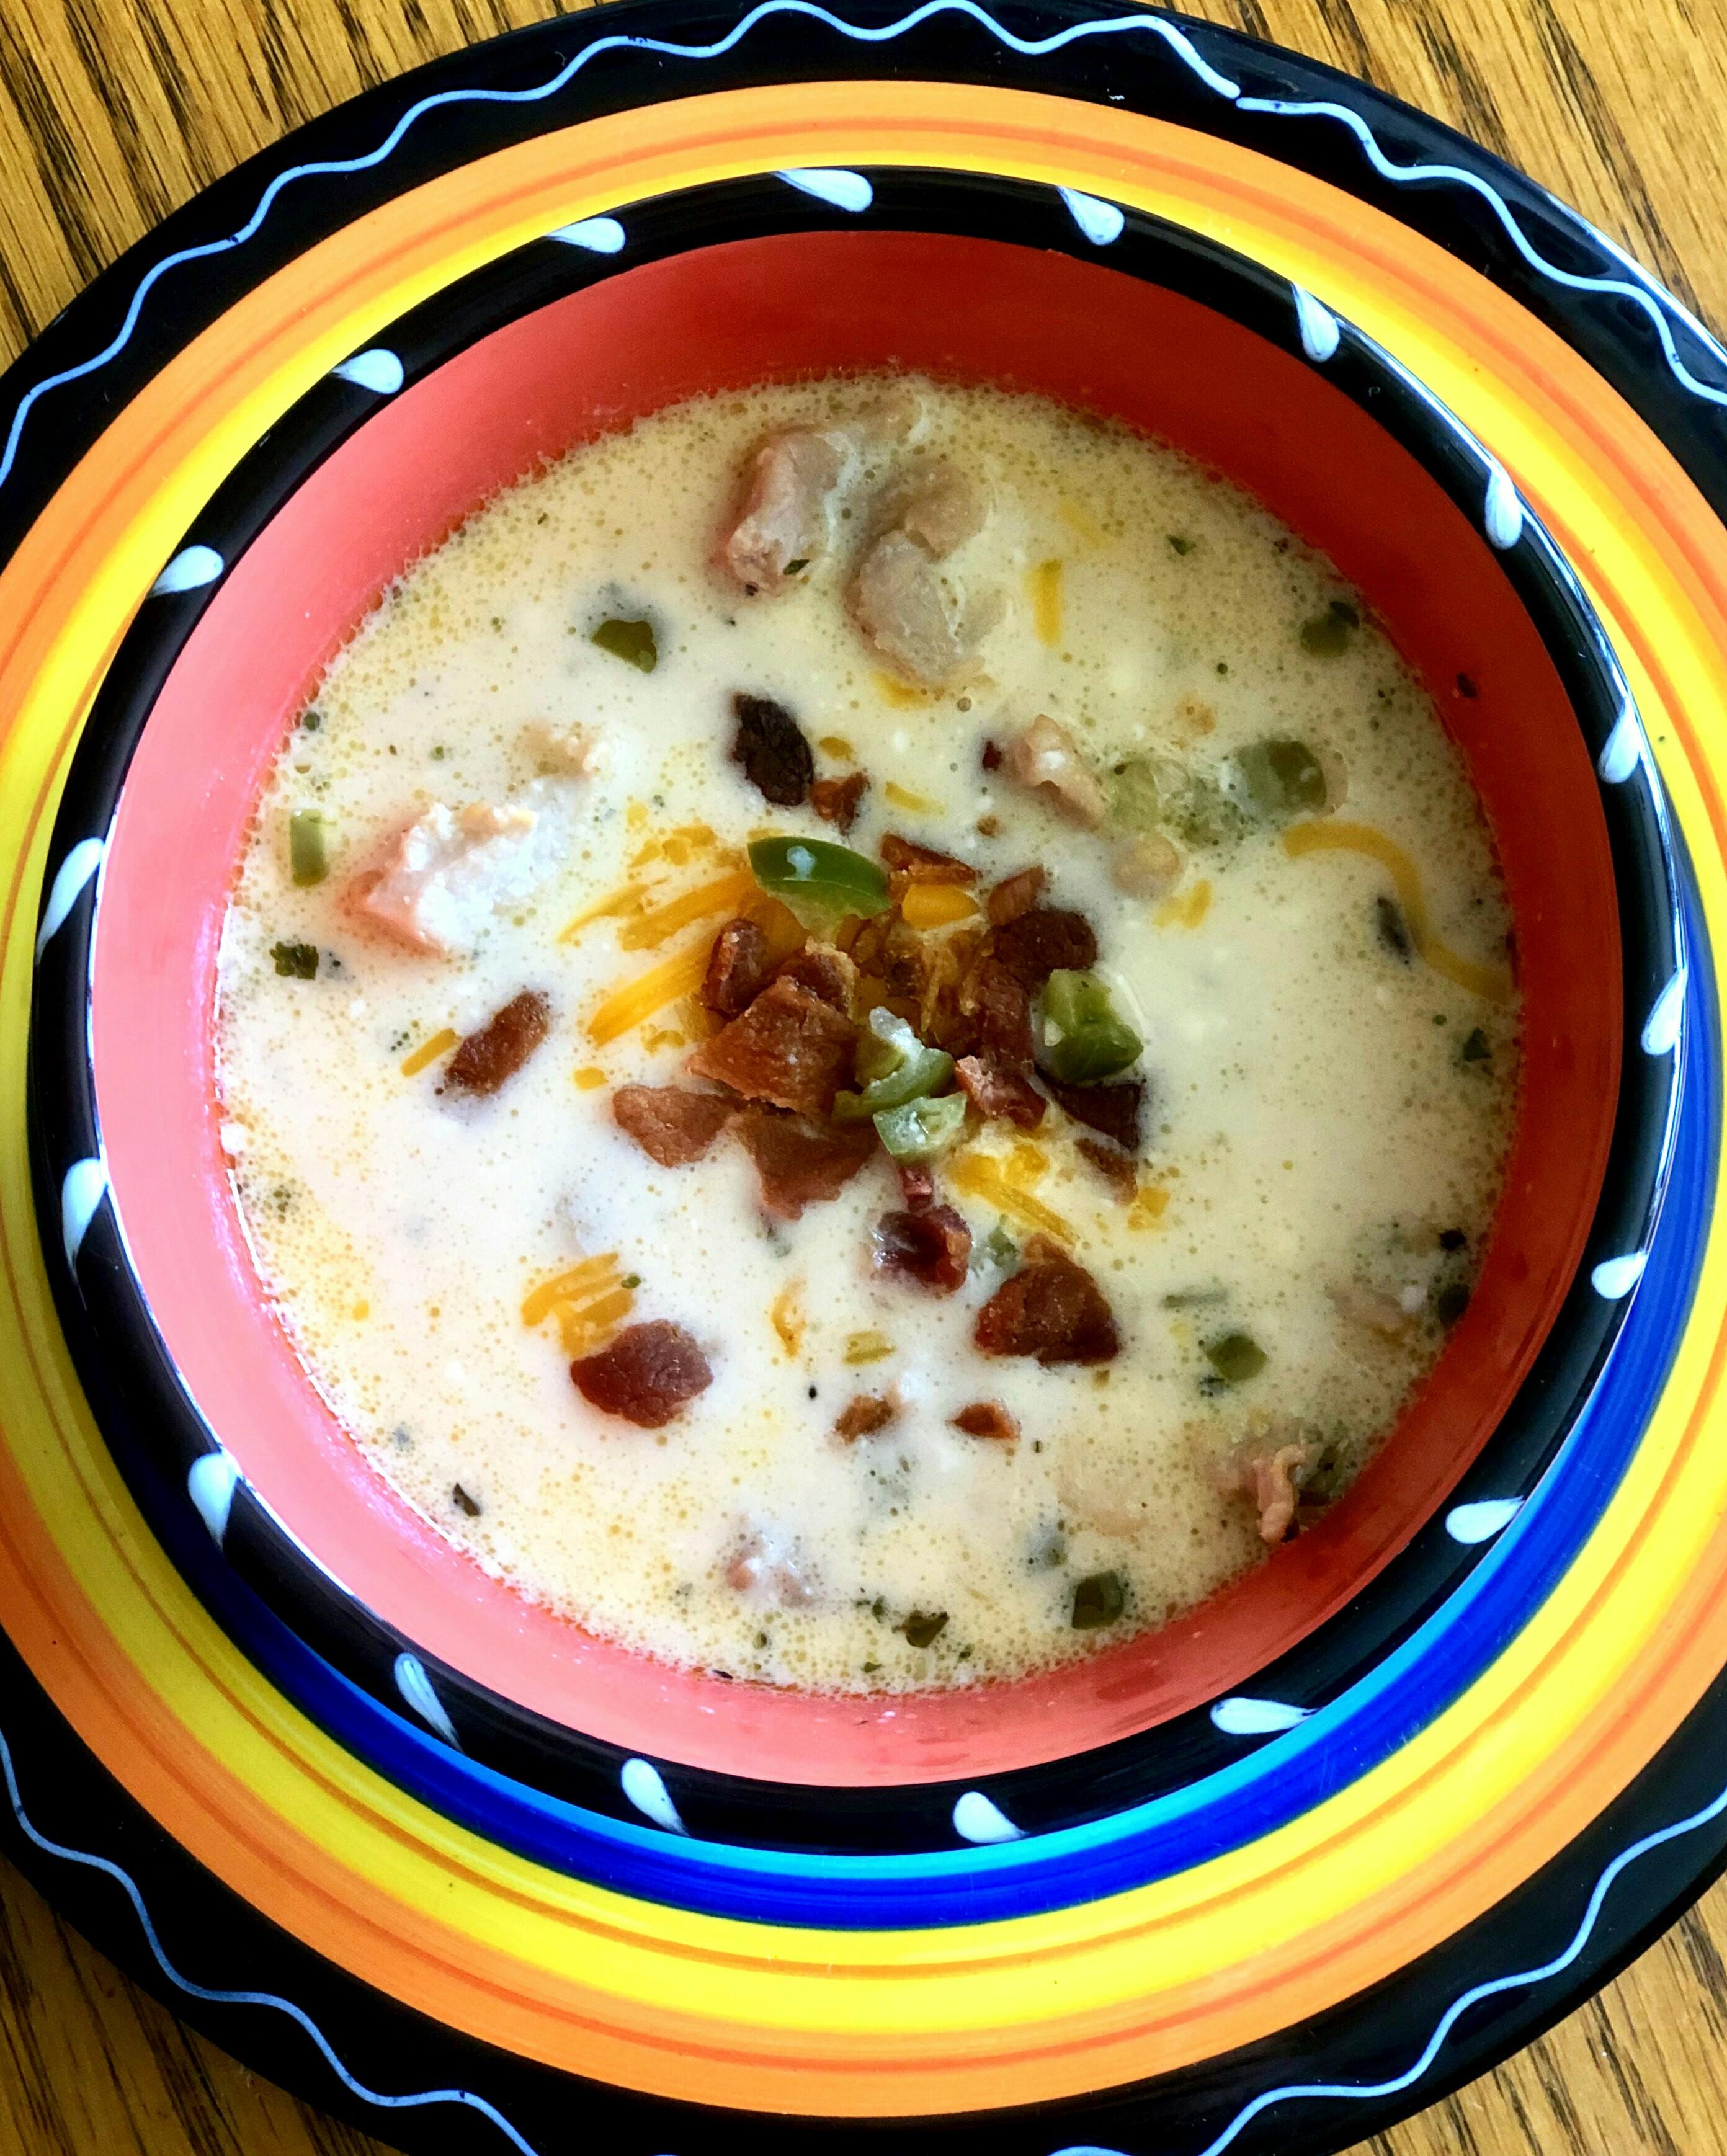 Jalapeno Popper Soup image